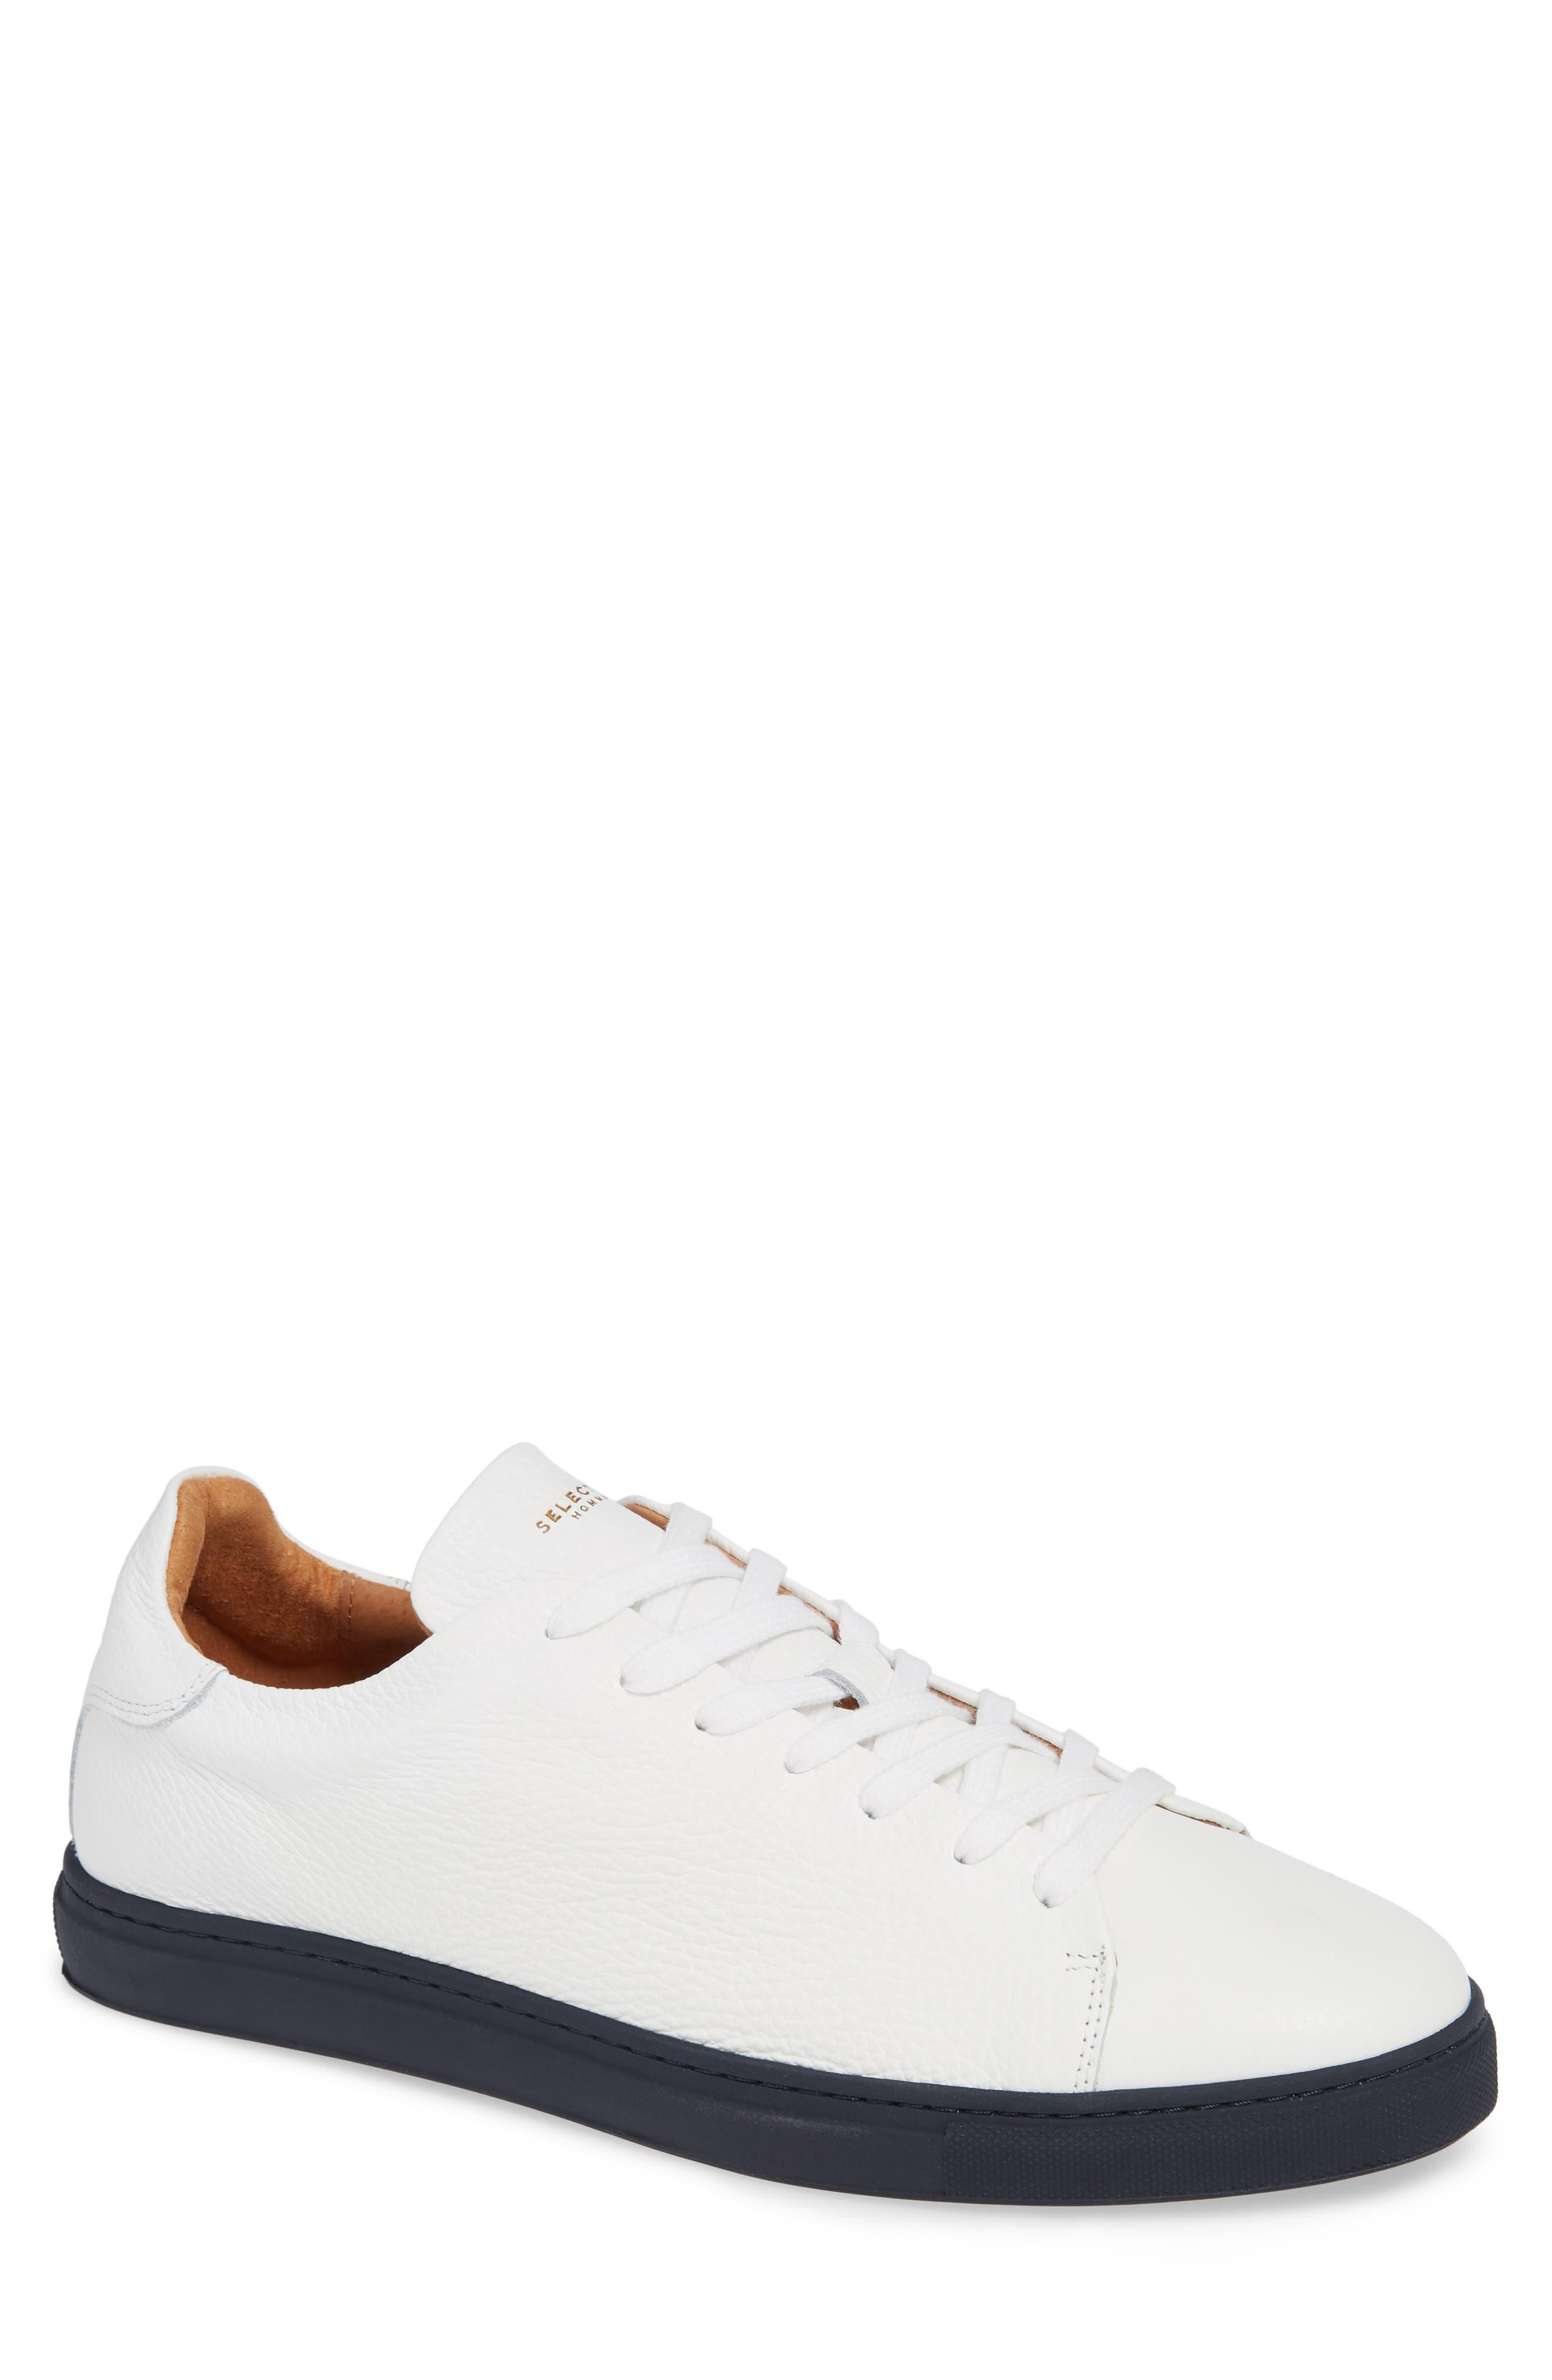 David Sneaker,                         Main,                         color, WHITE/ DARK NAVY SOLE